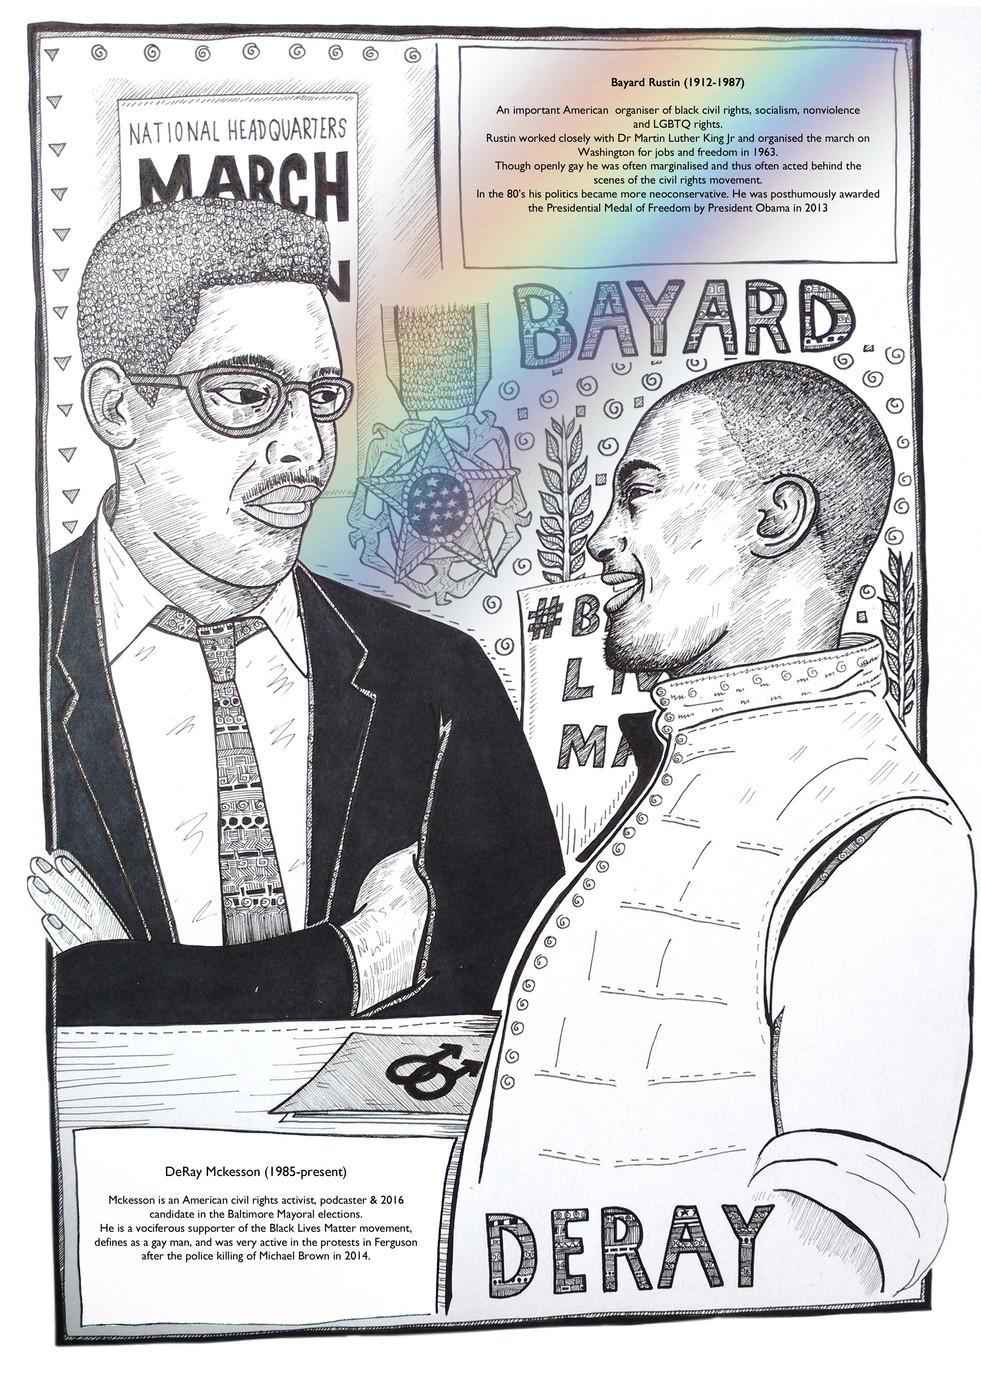 Conversations: Bayard & Deray